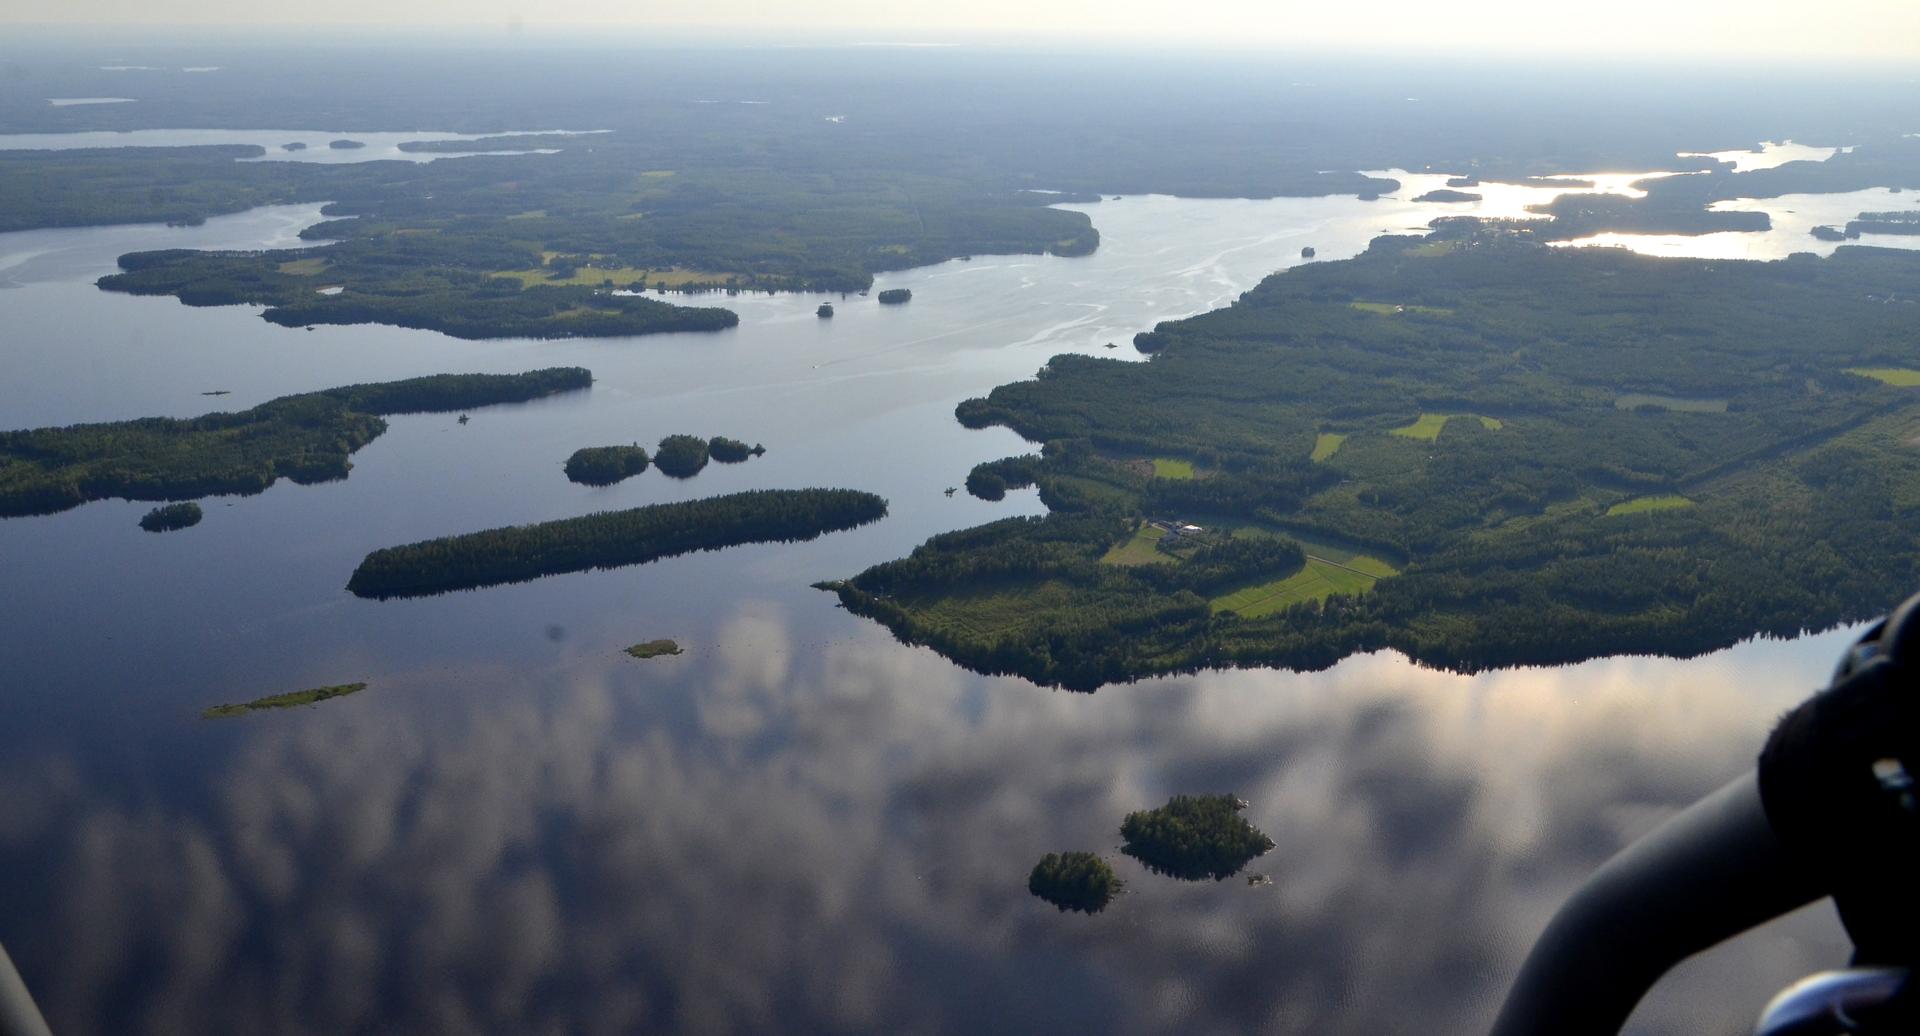 Oikealla näkyy jo Kivijärven taajama Kirkkosalmen vieressä.